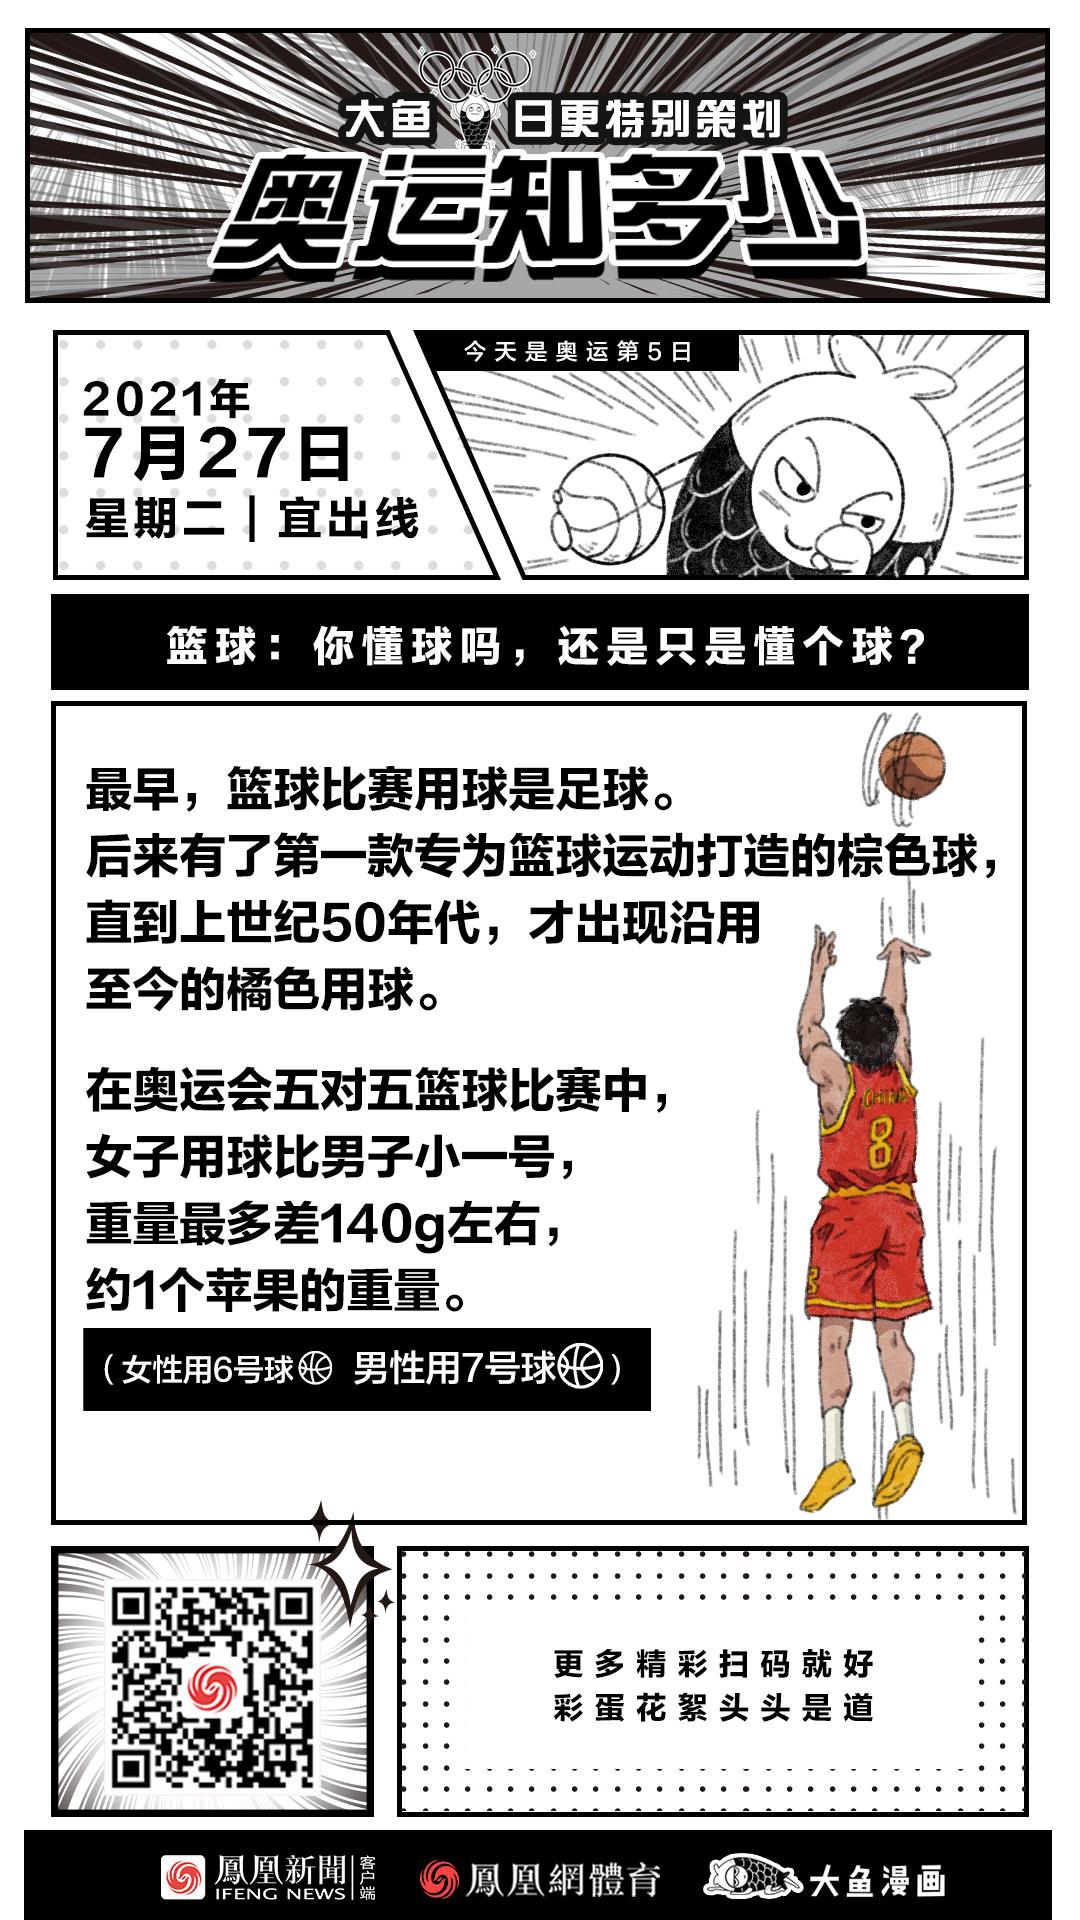 奥运知多少:篮球用球男女有别?|大鱼漫画